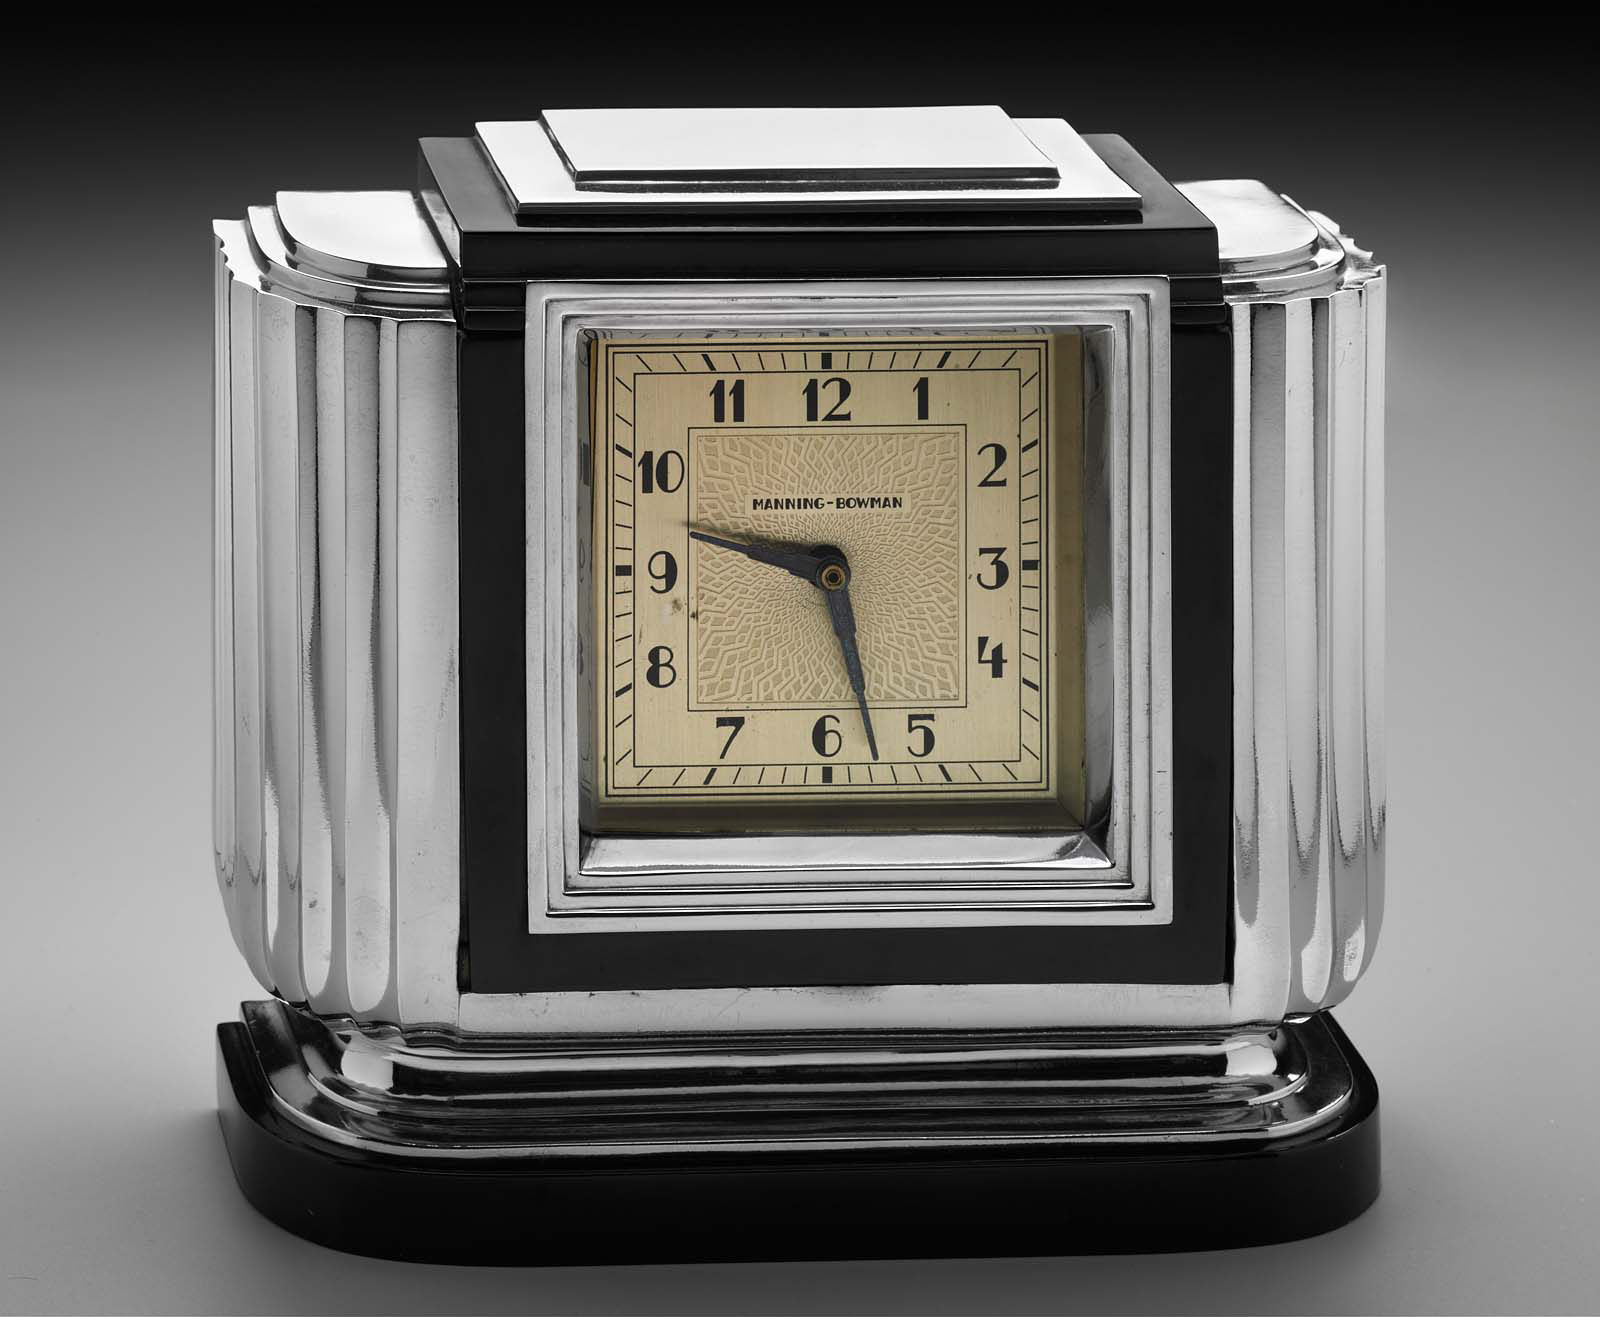 Manning Bowman clock